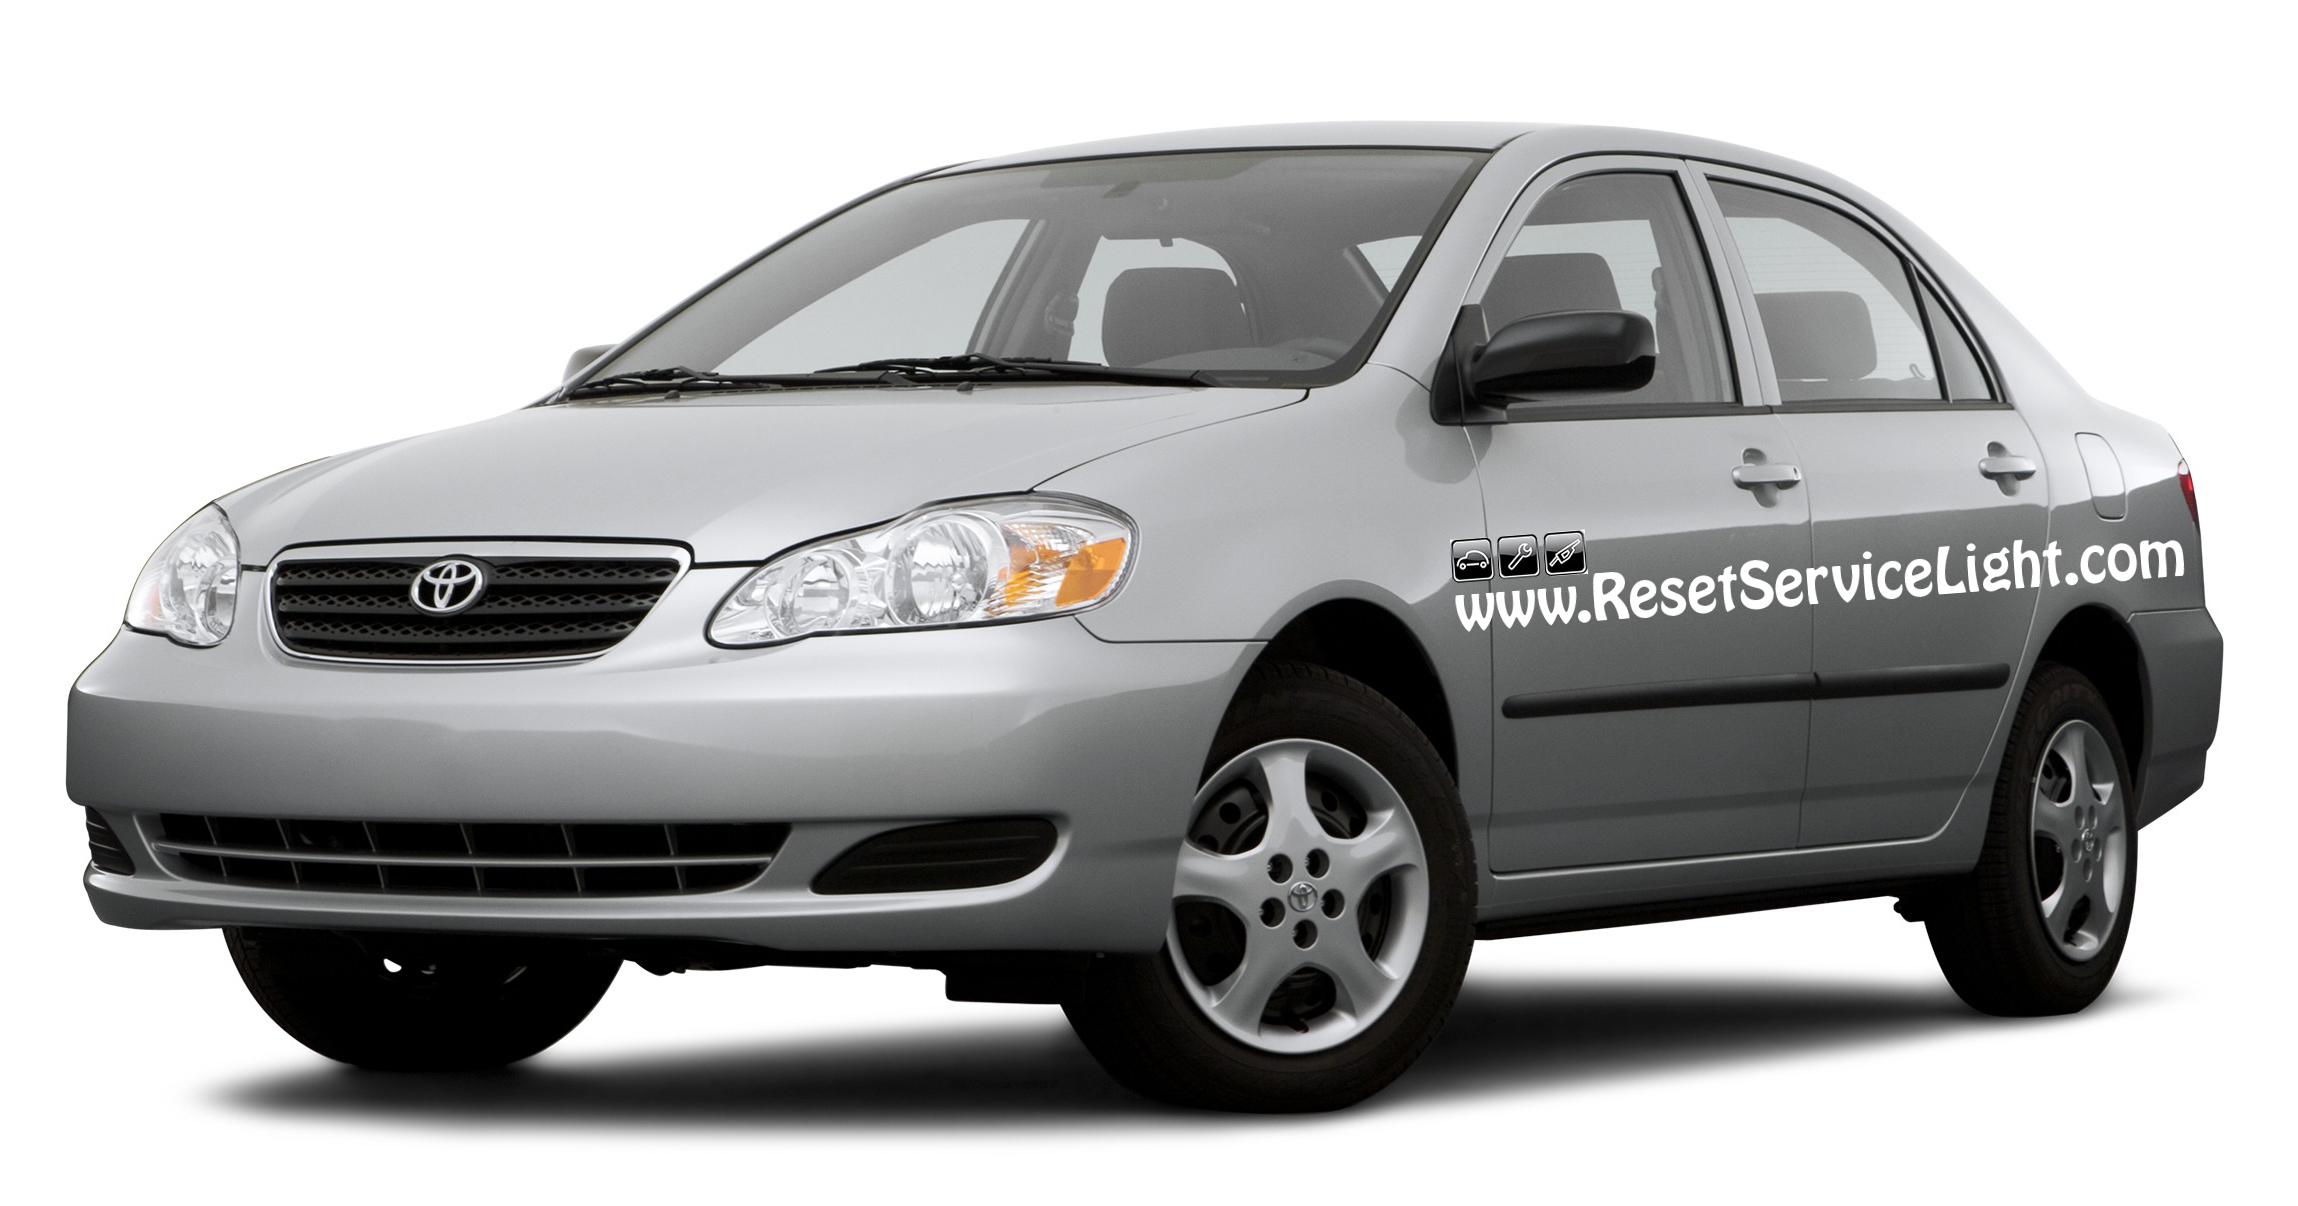 Kelebihan Toyota Corolla 2003 Review